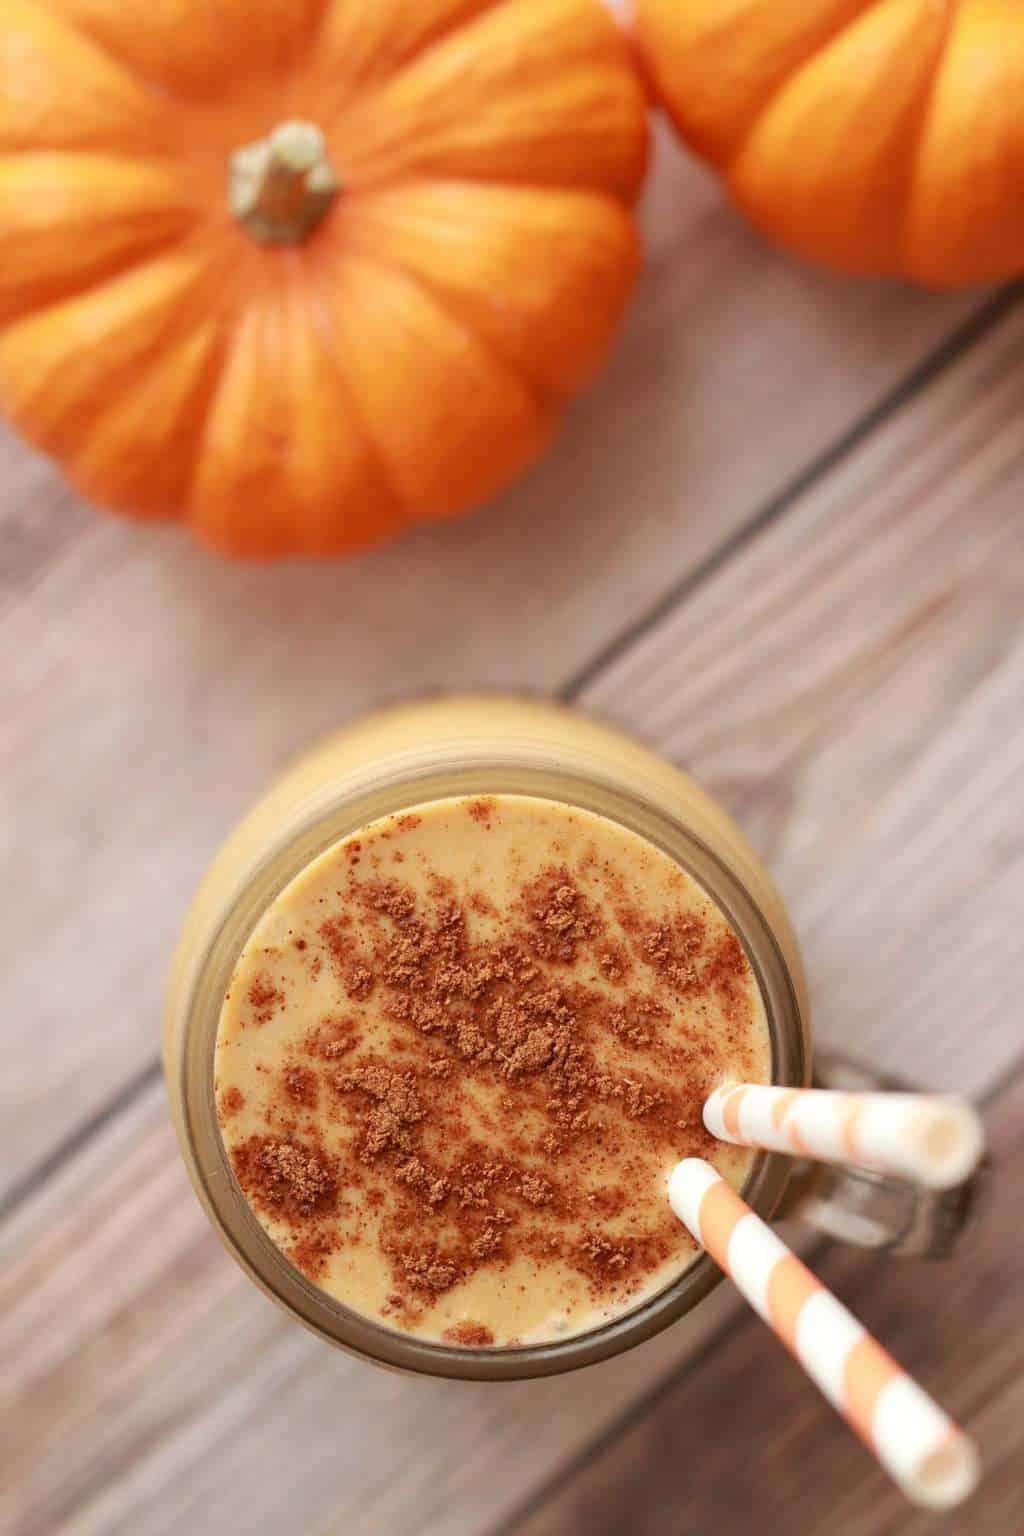 Creamy and smooth pumpkin pie smoothie. Vegan and gluten-free! #vegan #lovingitvegan #smoothie #pumpkinpiesmoothie #glutenfree #dairyfree